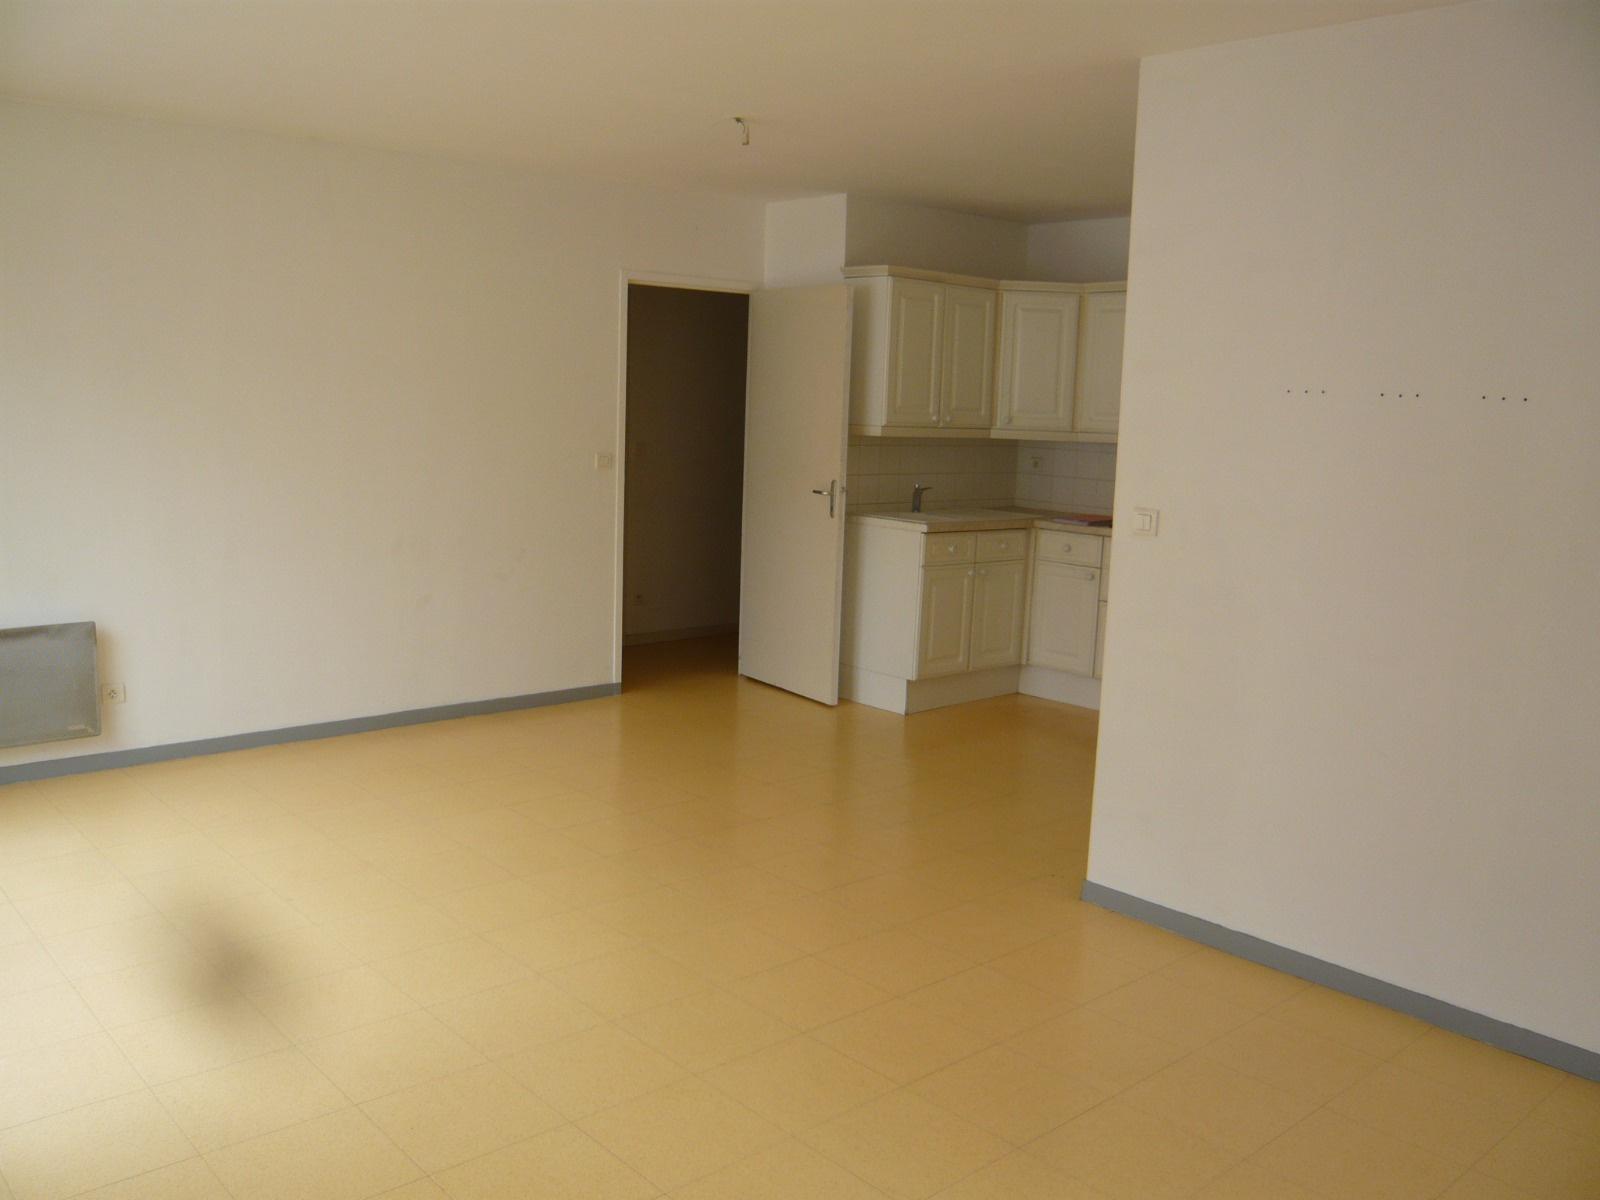 vente amiens sud appartement t ii en rez de chauss e avec deux parkings ext rieurs. Black Bedroom Furniture Sets. Home Design Ideas